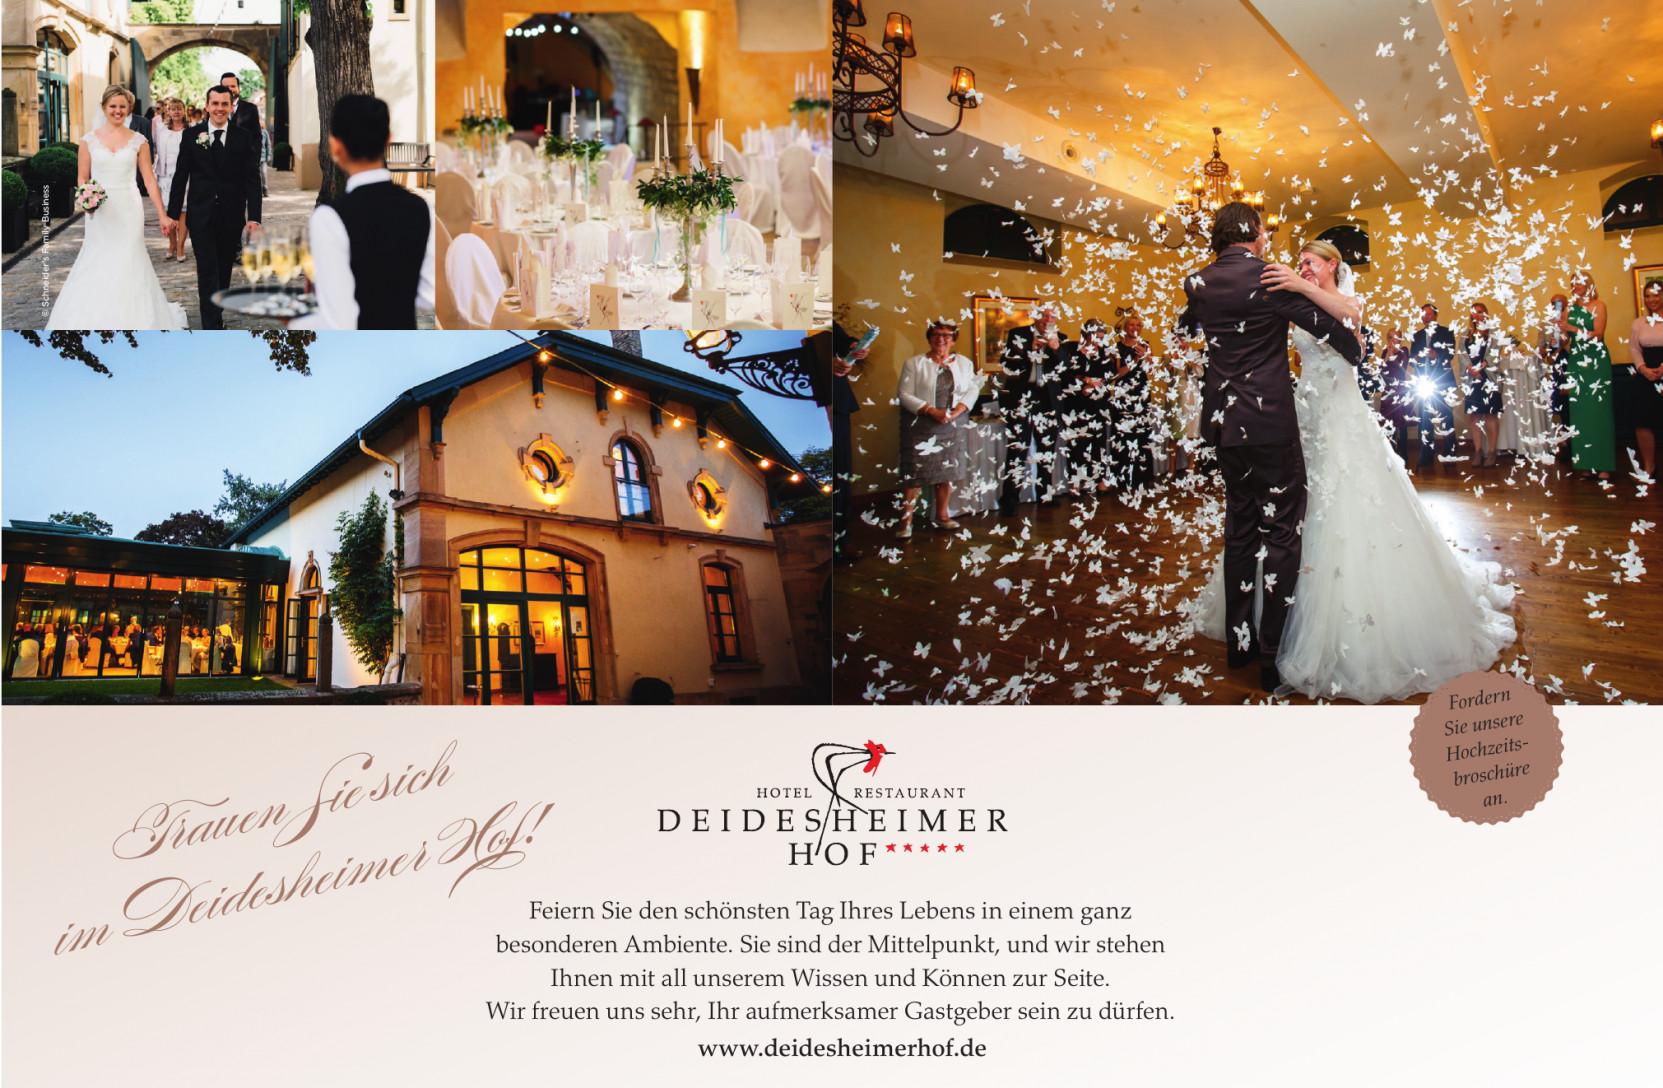 Hotel Restaurant Deidesheimer Hof